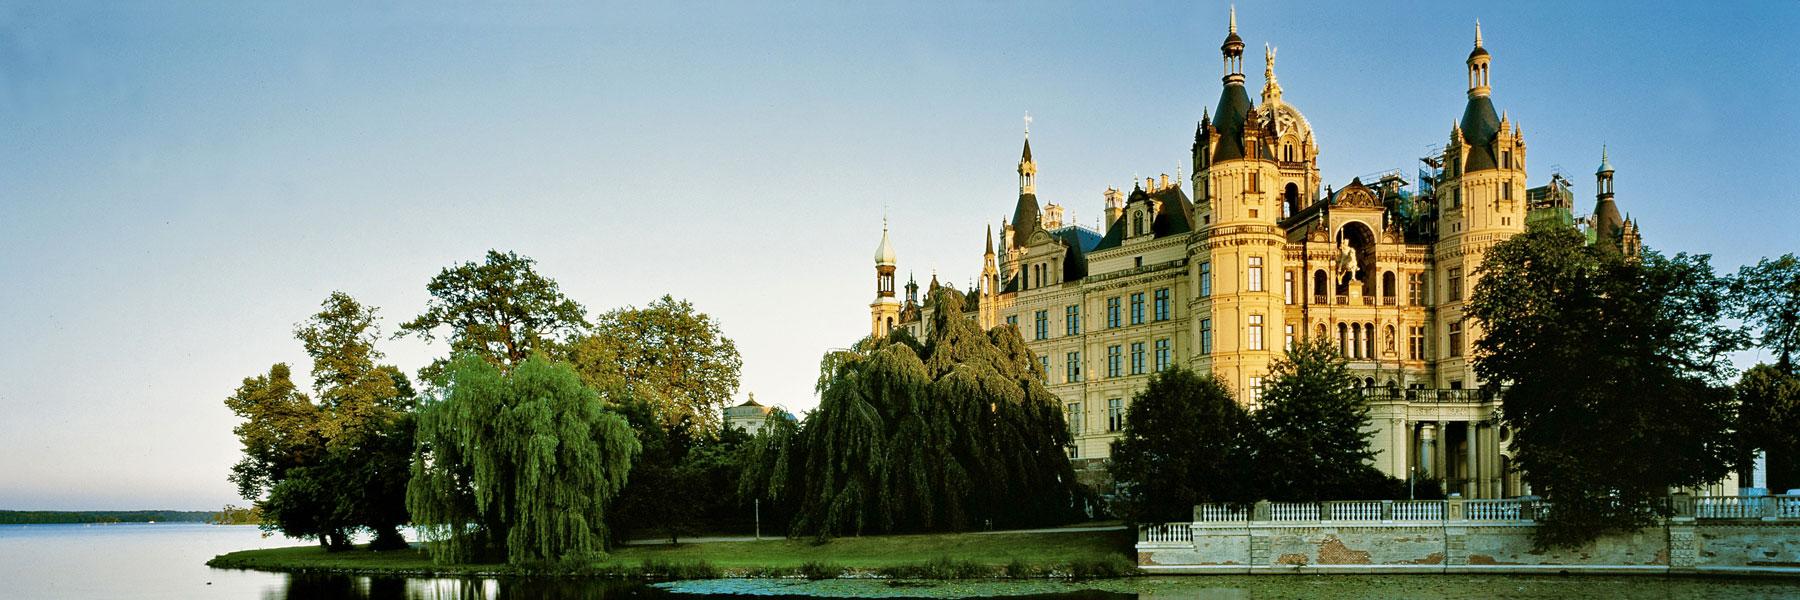 Schweriner Schloss - Reiseleiter Schröder